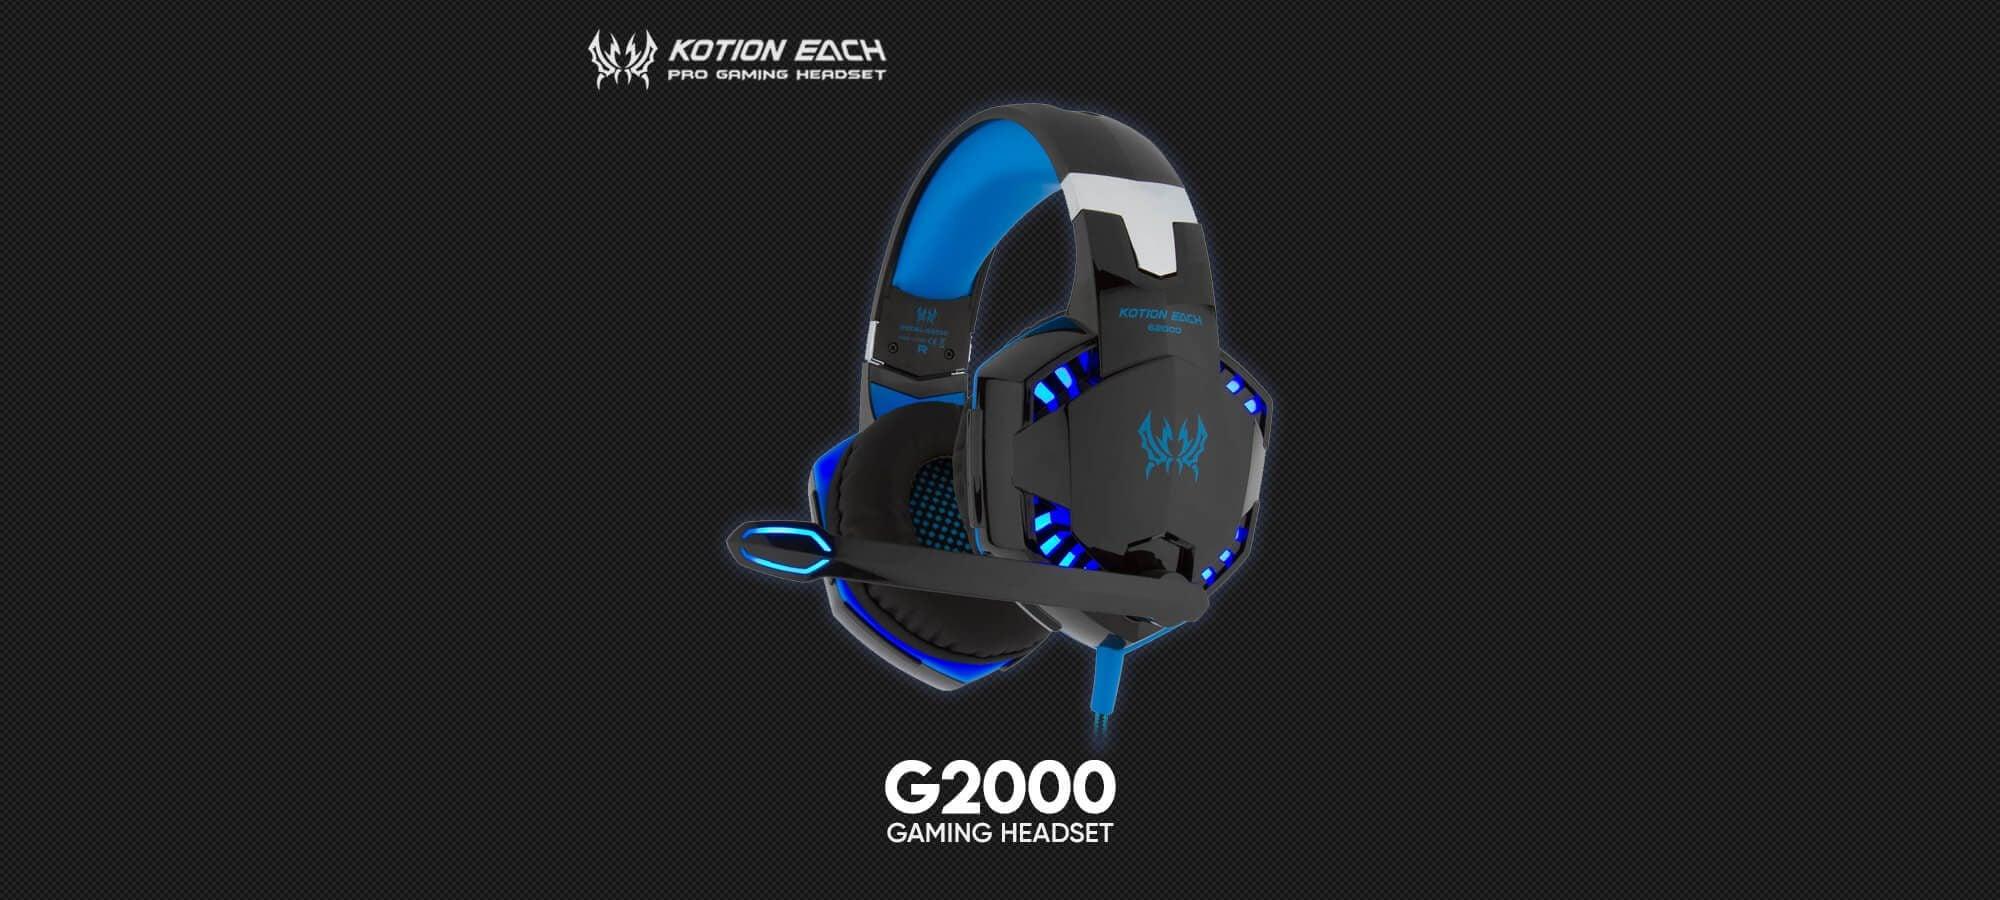 Игровая гарнитура Kotion Each G2000